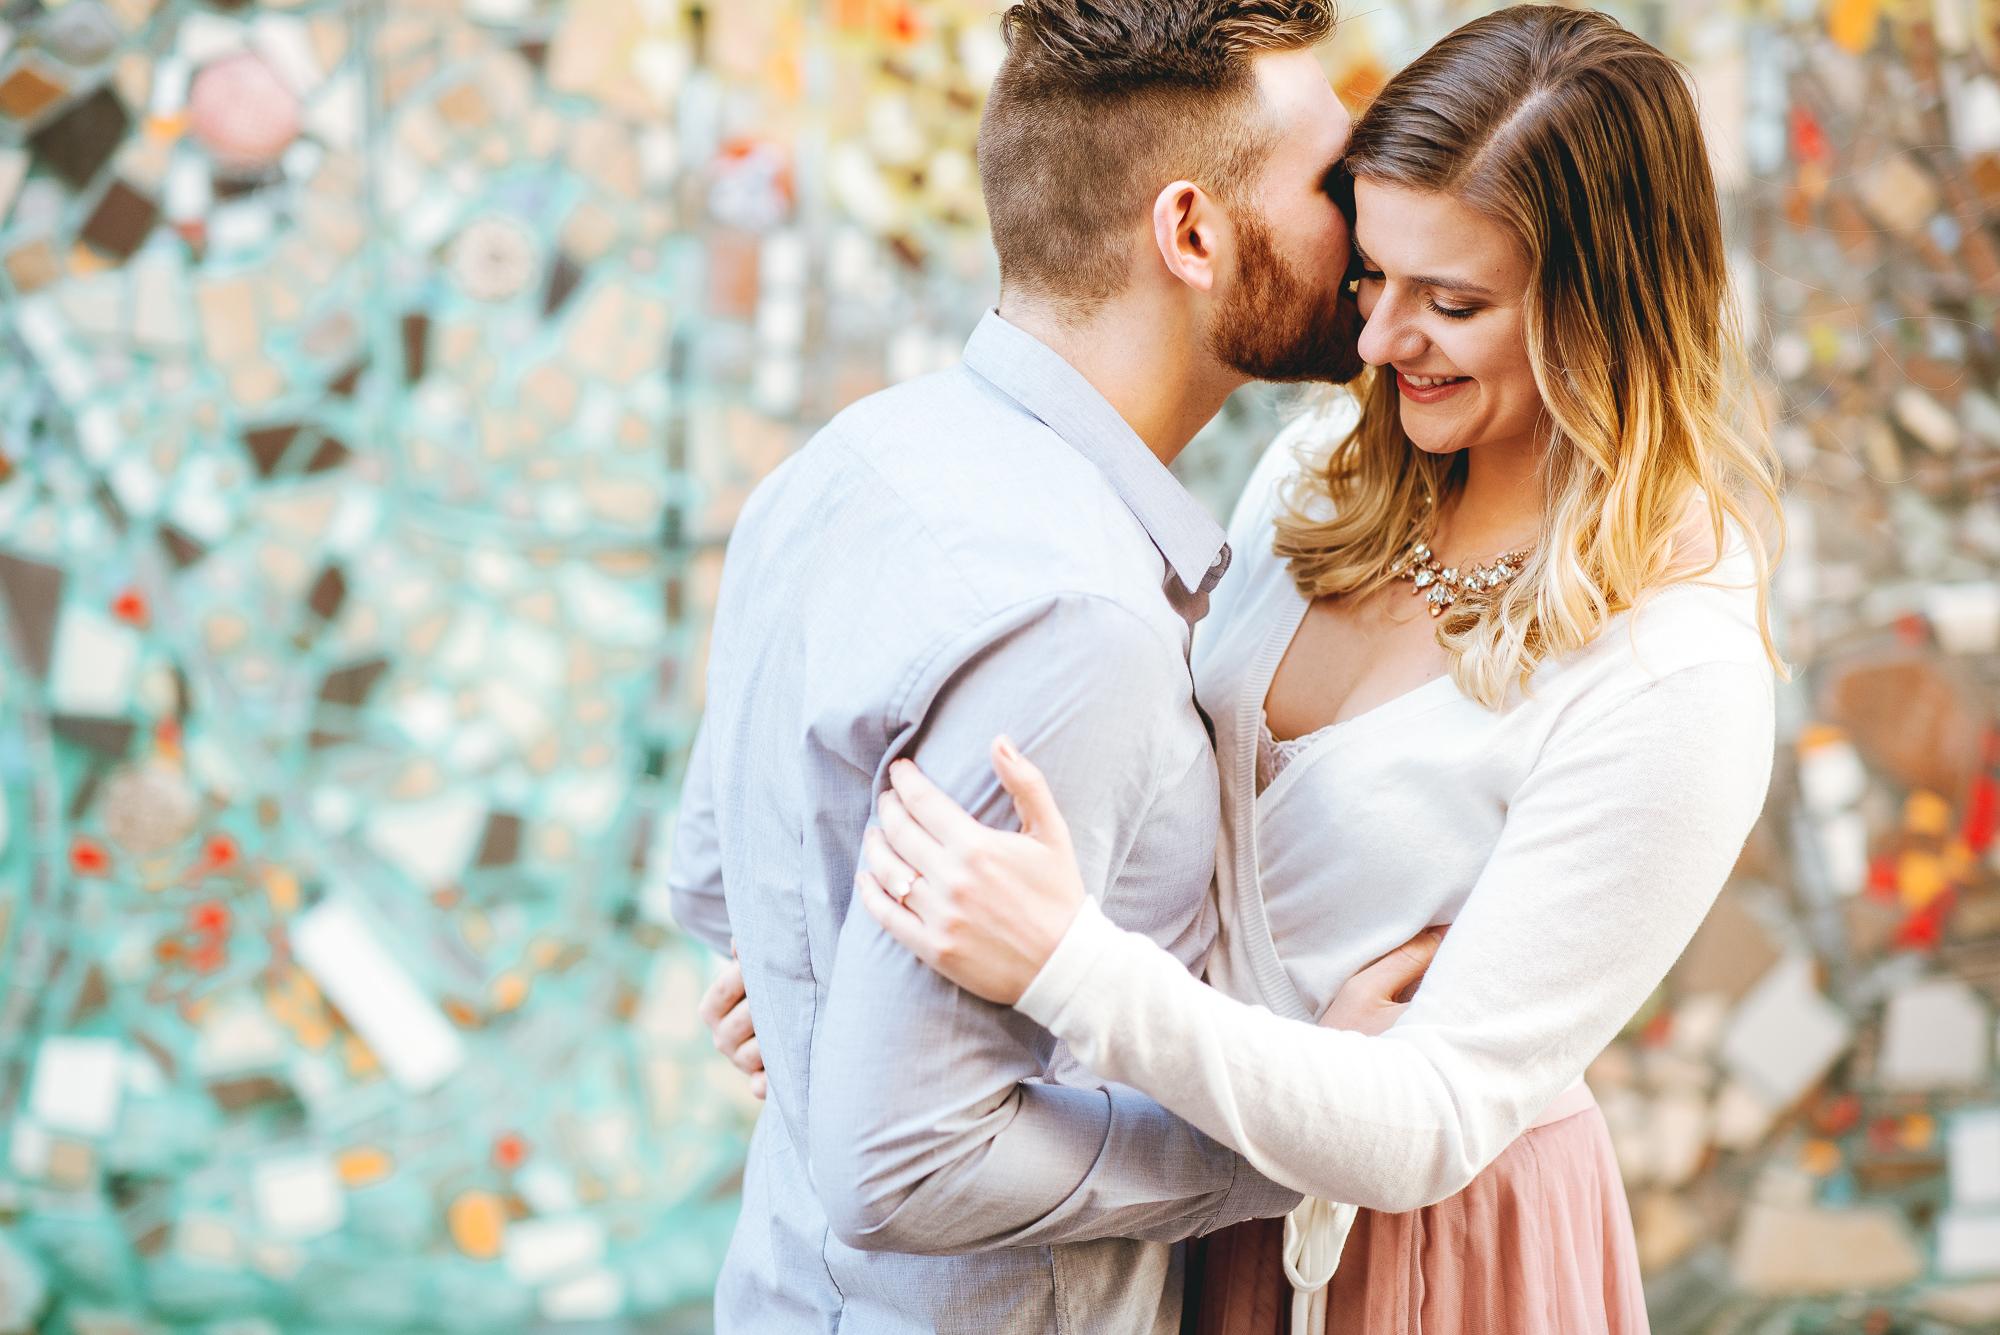 Philadelphia-PA-Engagement-Photographer-Peaberry-Photo-Wedding-Photography-12.jpg